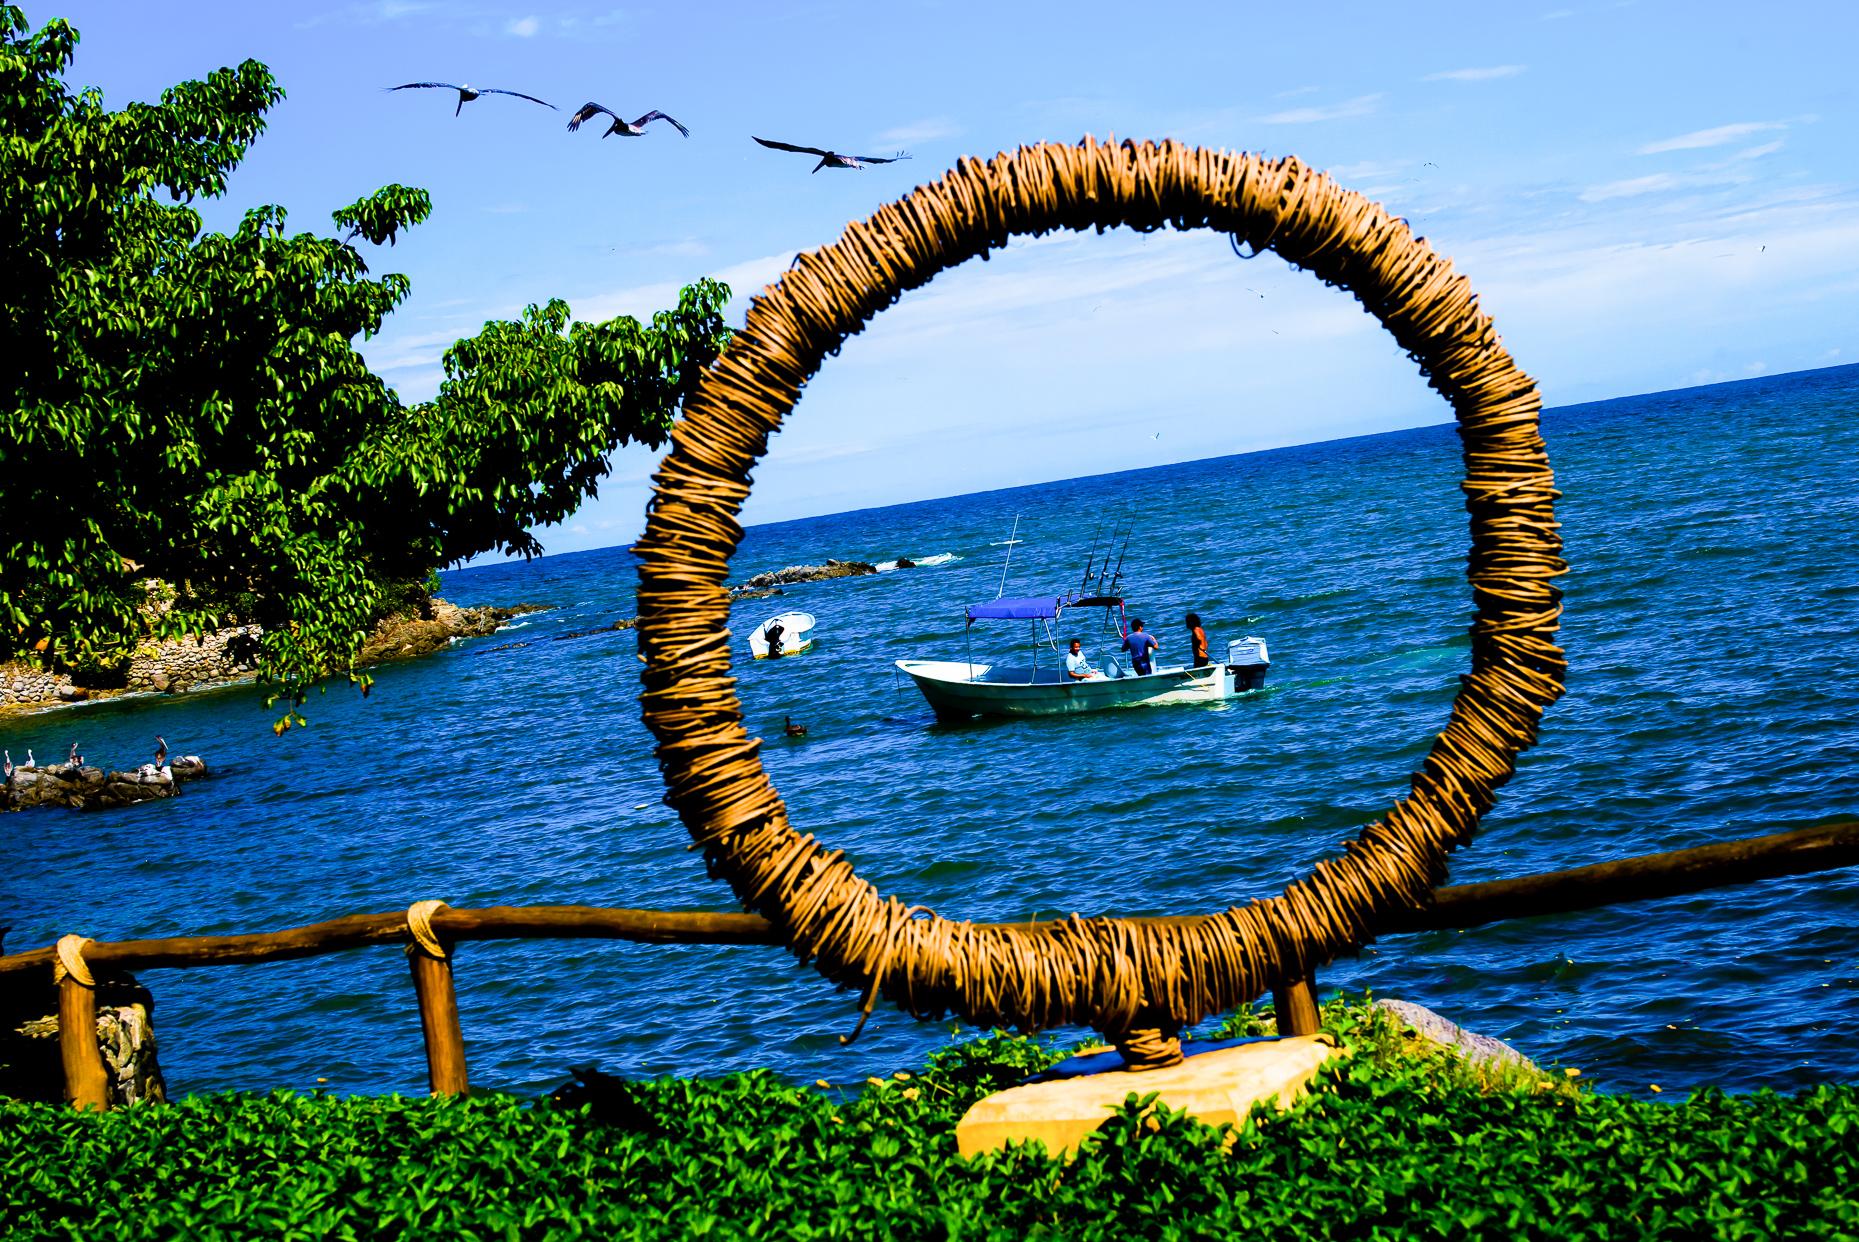 punta+mita+chip+litherland+lock+and+land+leica+excusive+resorts+0029.jpg